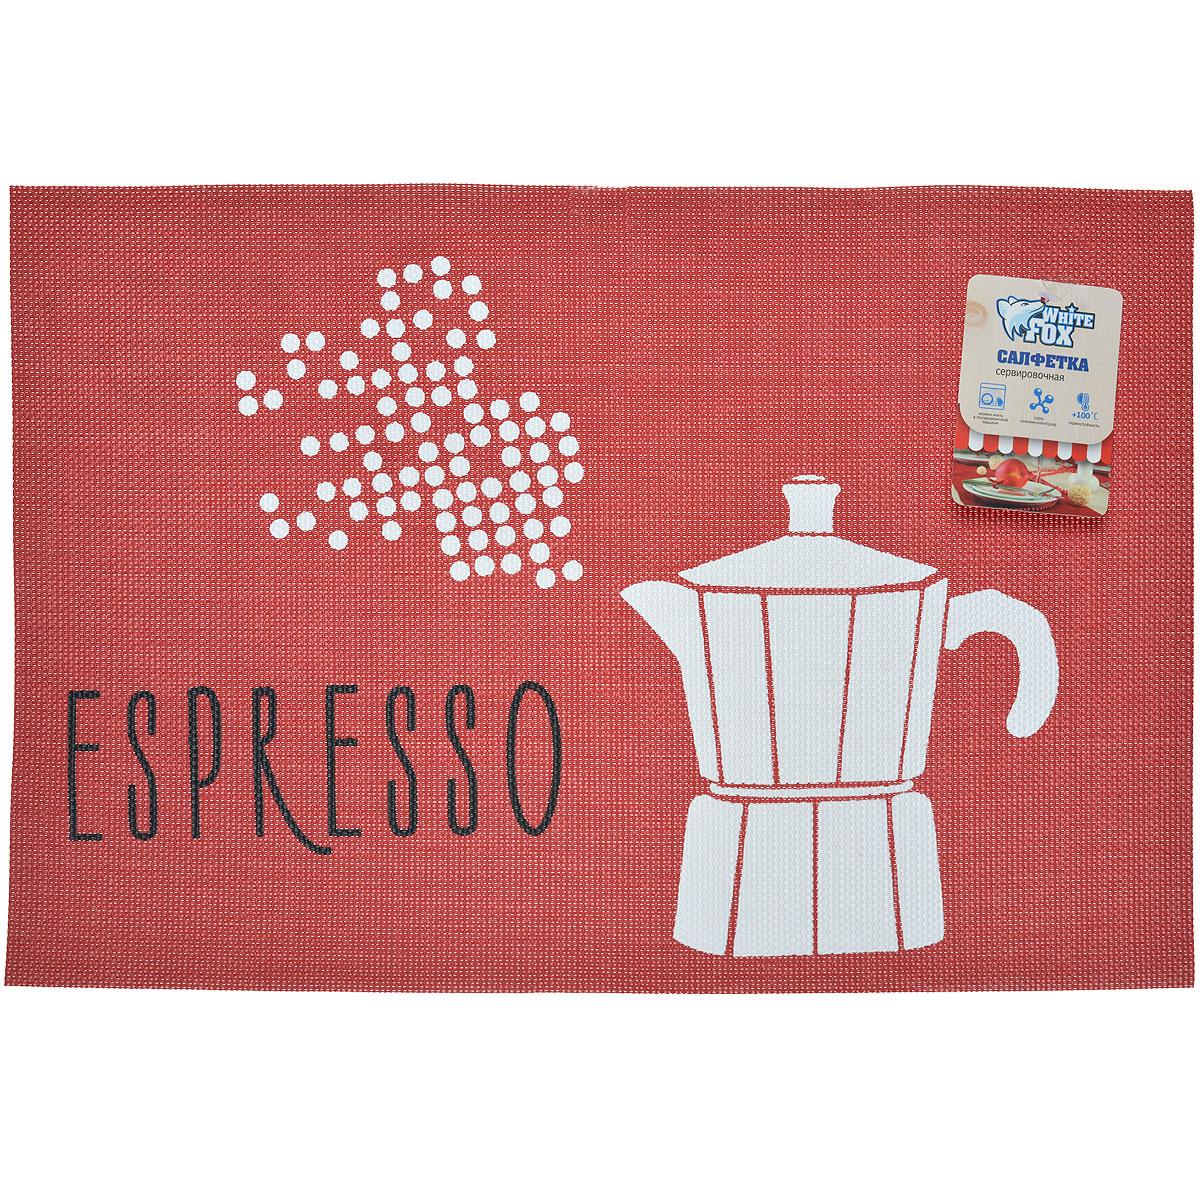 Салфетка сервировочная White Fox Эспрессо, цвет: красный, 30 x 45 см, 4 штБ0008381Салфетка White Fox Эспрессо, выполненная из ПВХ, предназначена для сервировки стола. Она служит защитой от царапин и различных следов, а также используется в качестве подставки под горячее. Салфетка, оформленная дизайнерским рисунком в виде кофейника и надписи Espresso, дополнит стильную сервировку стола.